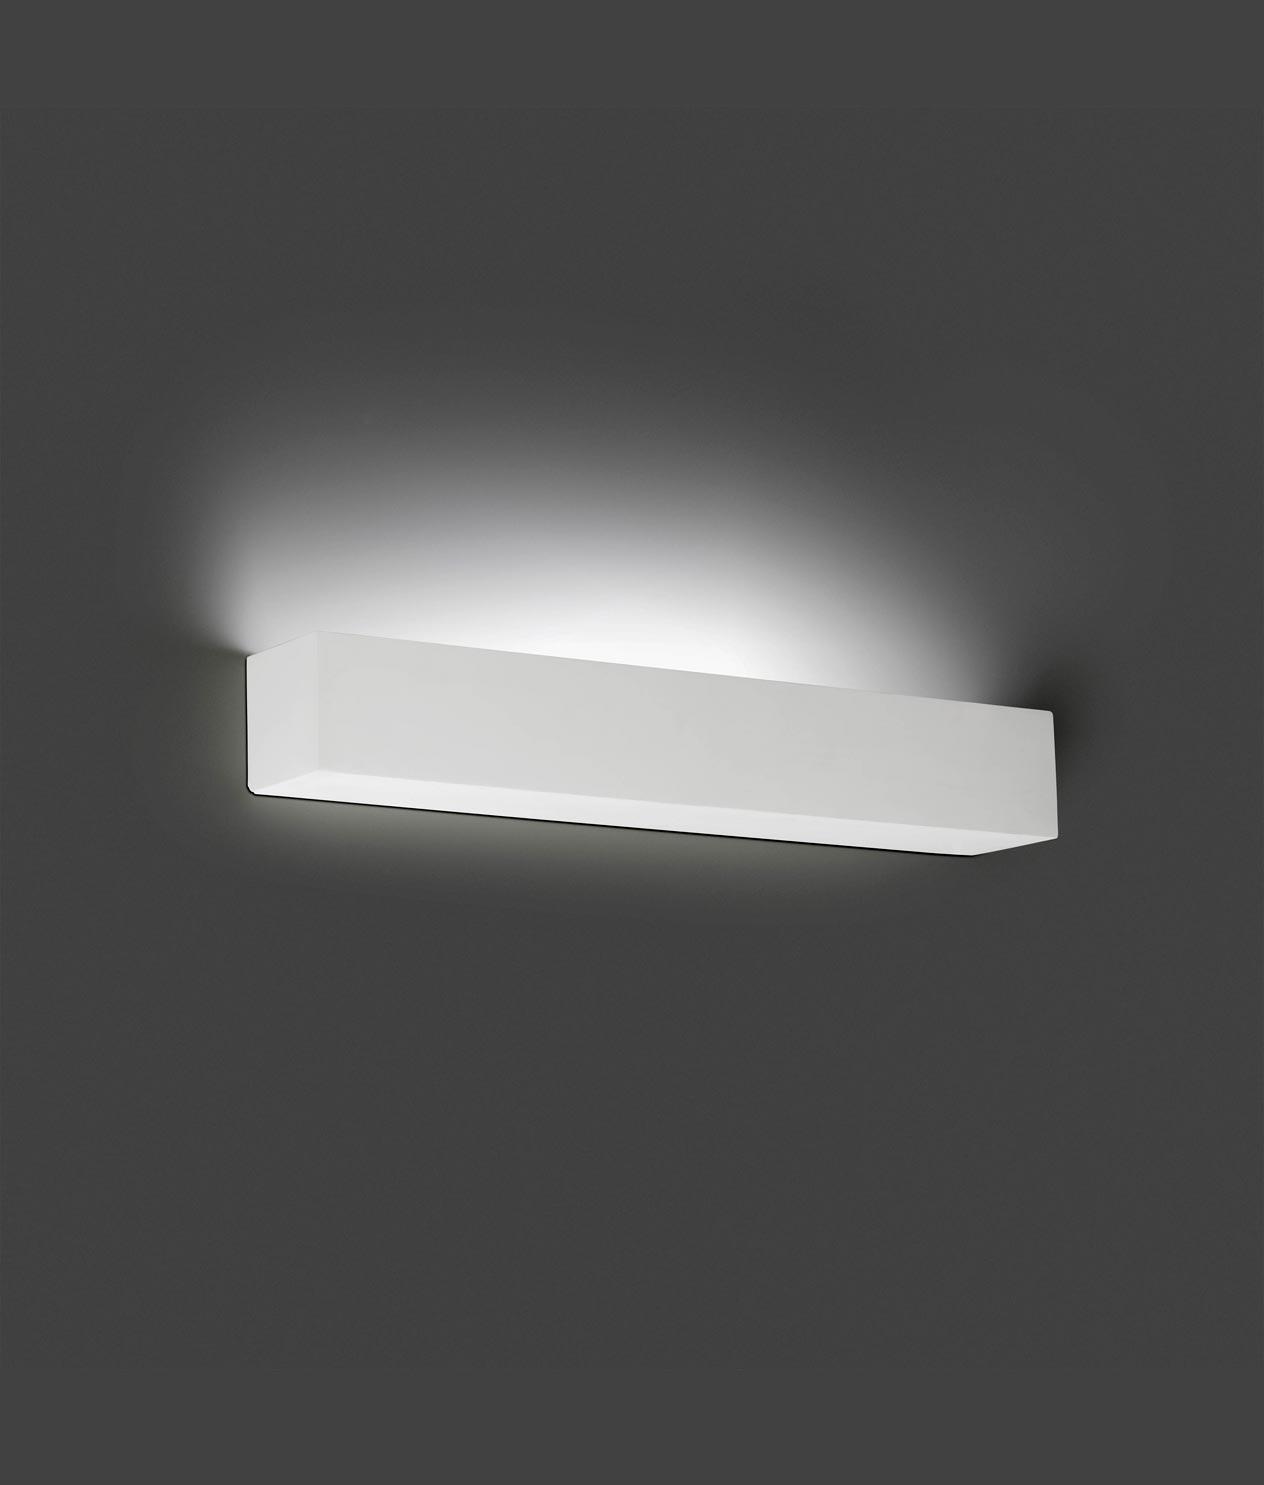 Luminaria de yeso blanco tera led la casa de la l mpara for La casa del led